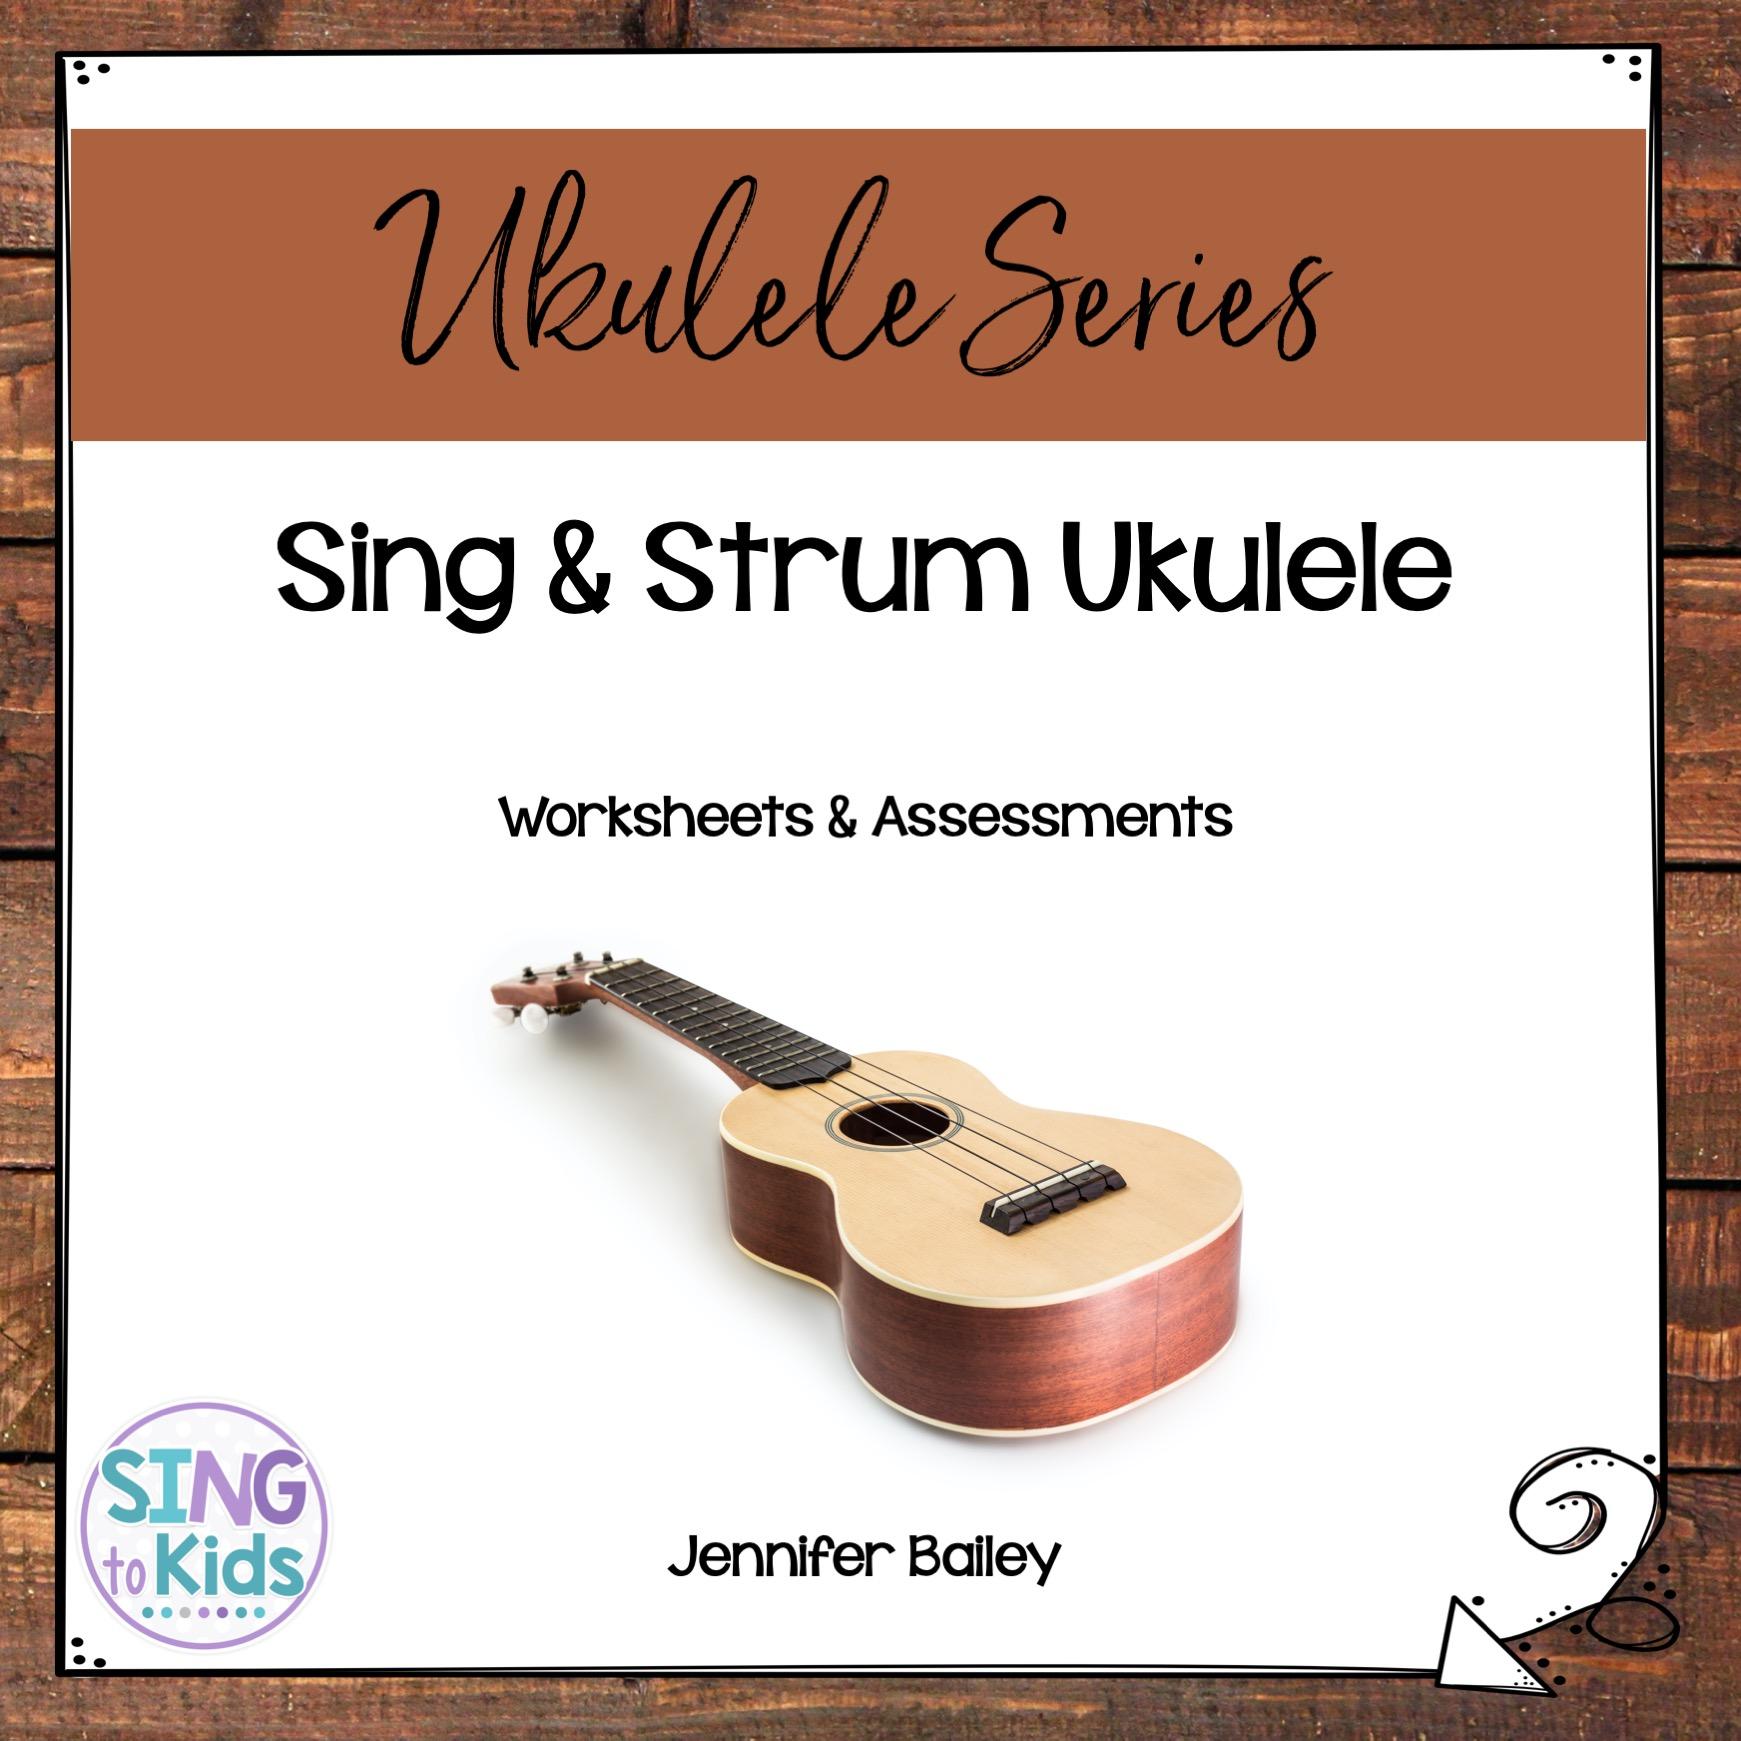 Sing Amp Strum Ukulele Worksheets Amp Assessment